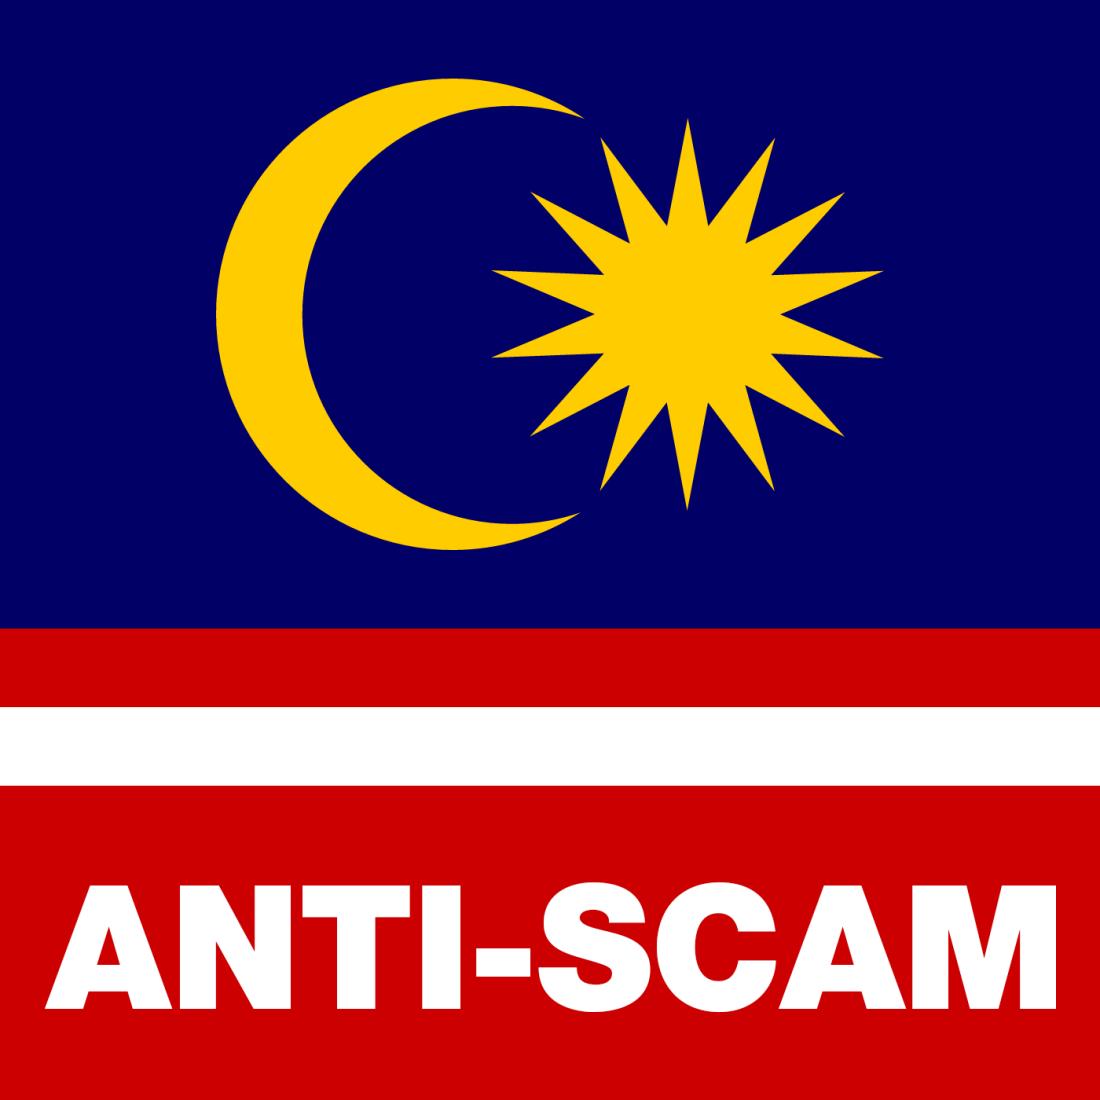 Malaysia Anti-Scam Partnership